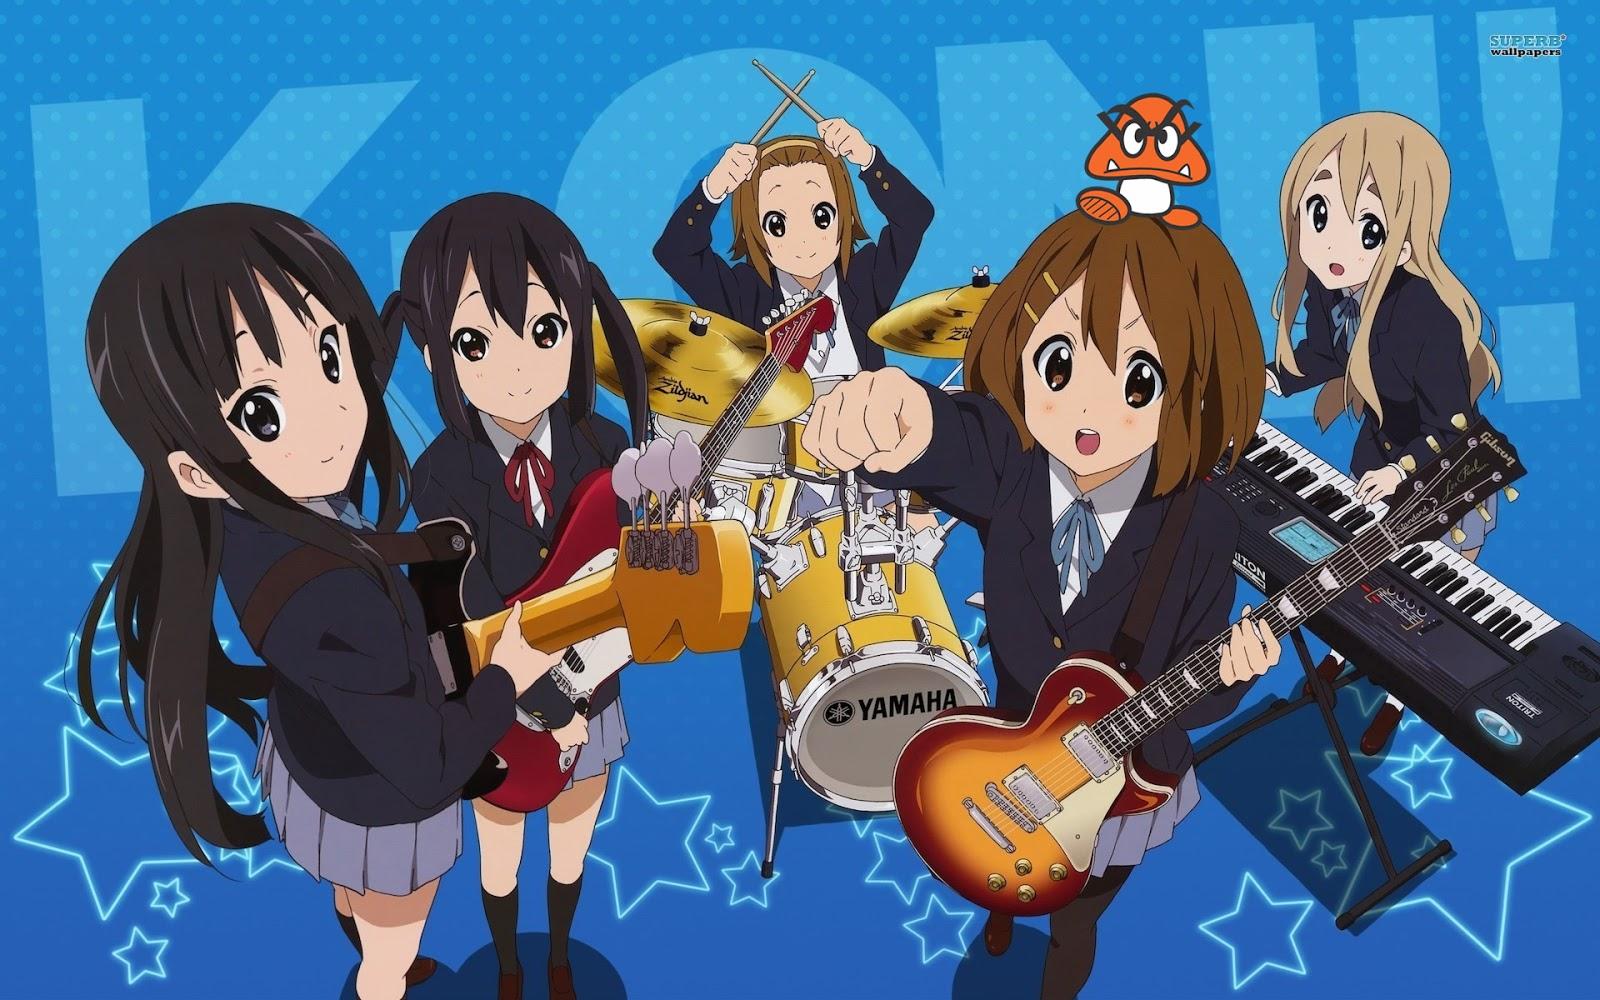 5 Anime Terkocak yang Bisa Bikin Ngakak 4